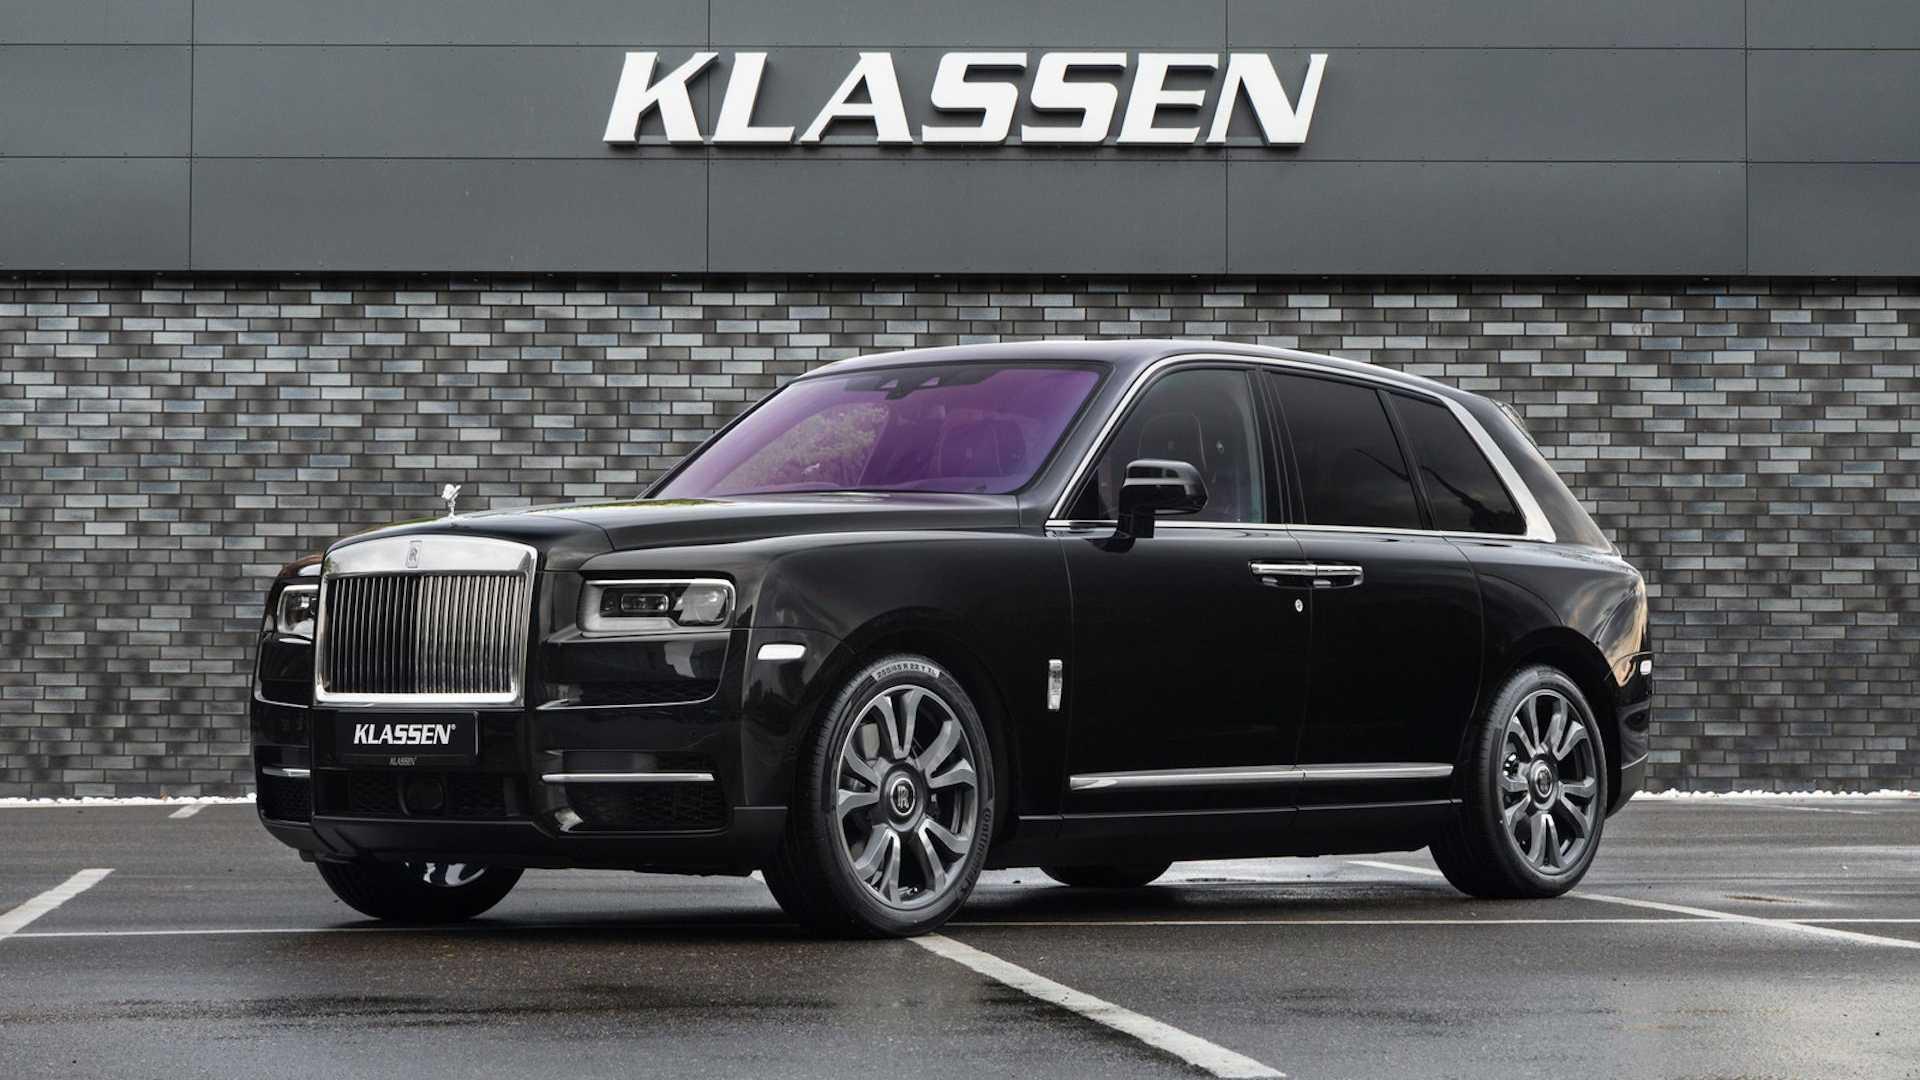 Rolls-Royce Cullinan – дорогой, но роскошный внедорожник. Его цена может достигать $500 000, что вполне нормально для такого бренда. Но если вы не стеснены в финансах, то у Klassen есть для вас предложение на €833 000 ($962 000).